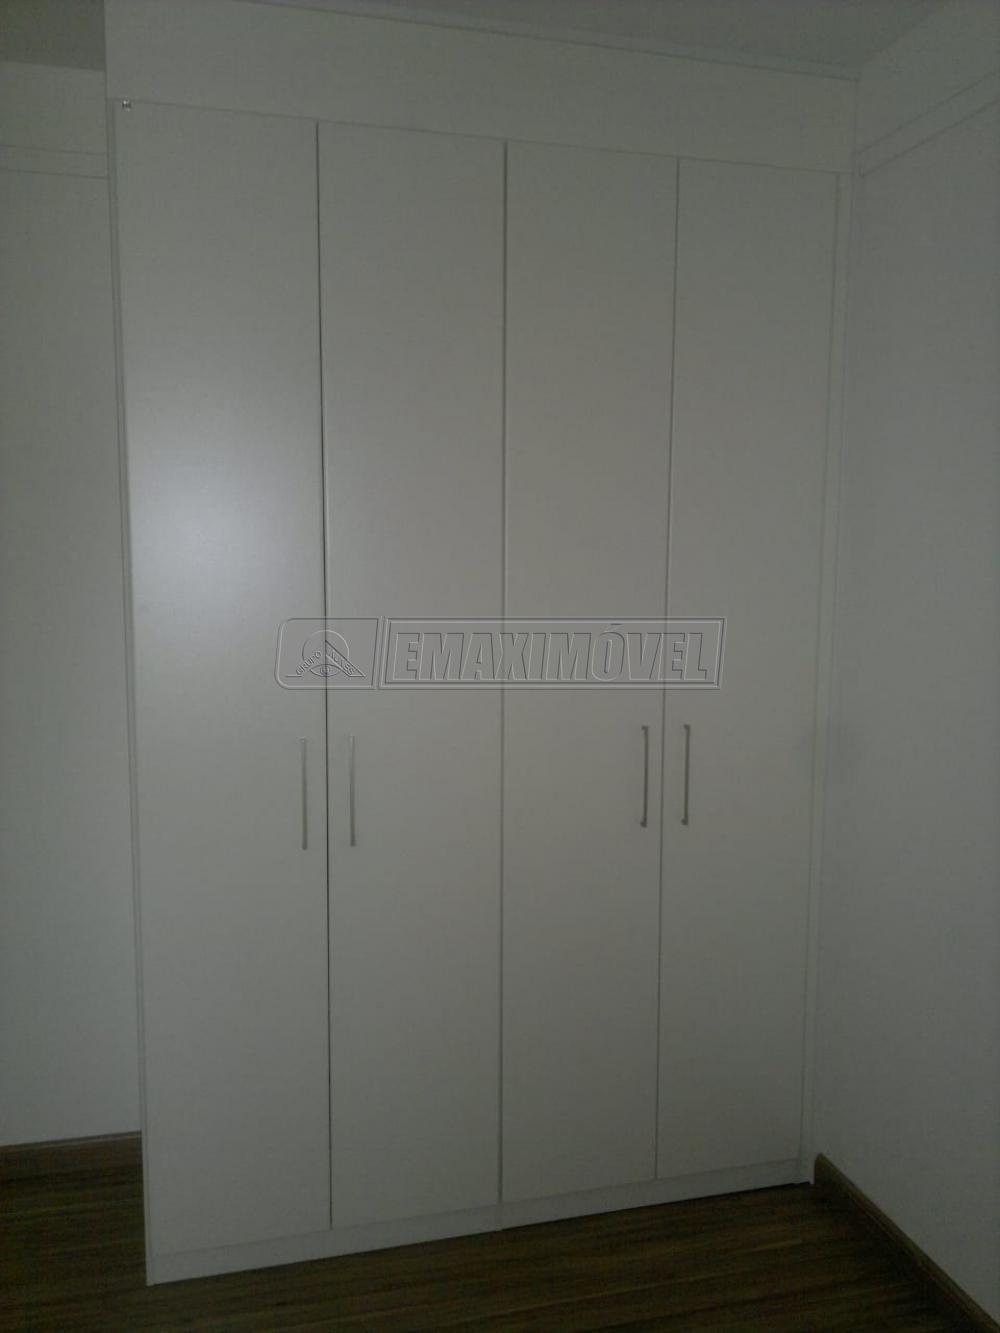 Comprar Apartamentos / Apto Padrão em Sorocaba apenas R$ 850.000,00 - Foto 8